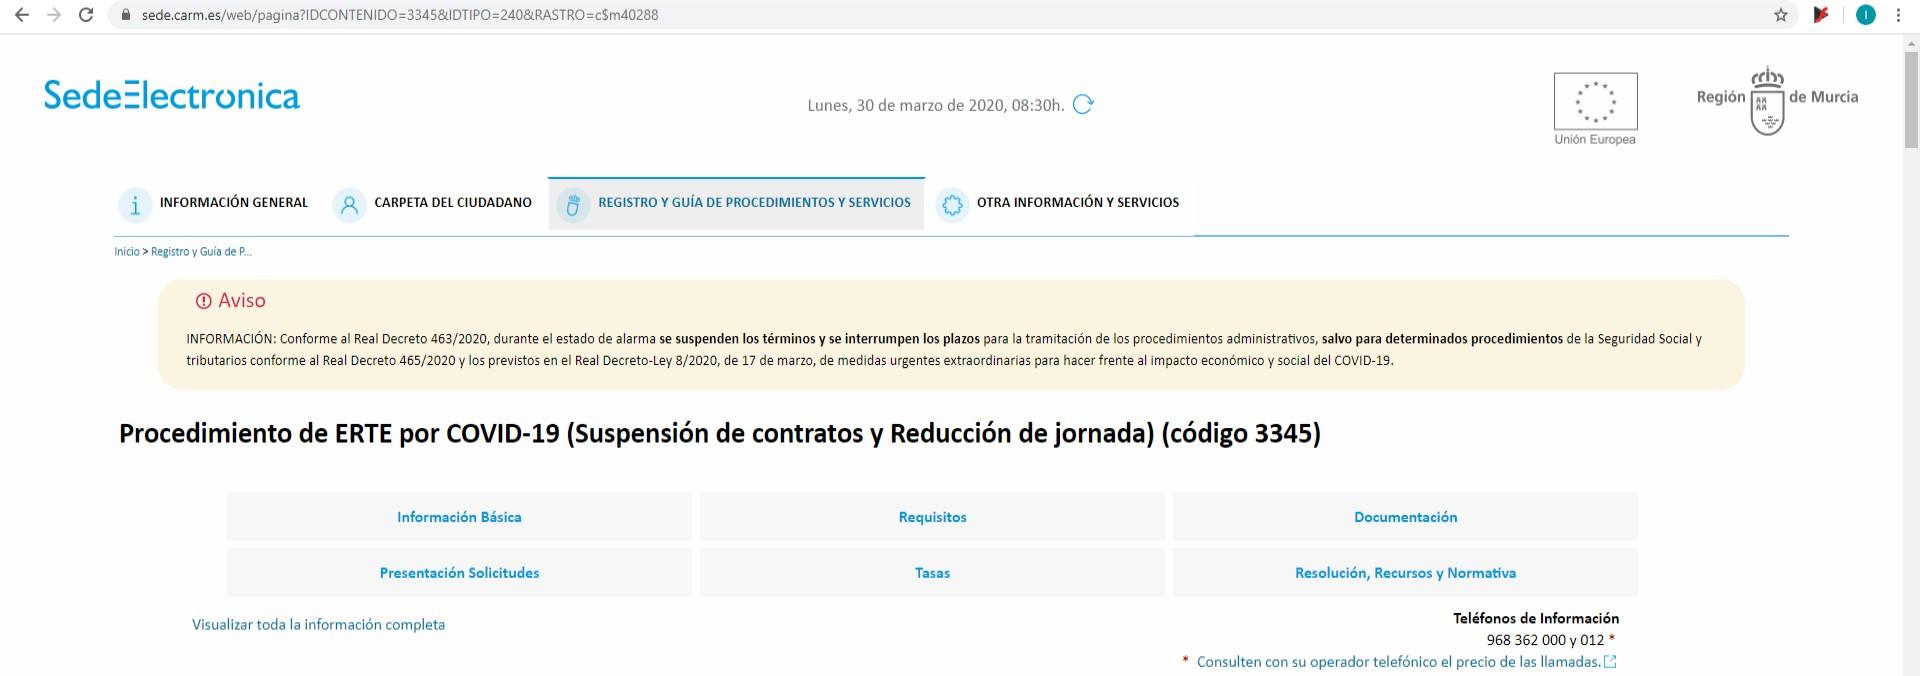 PROCEDIMIENTO DE ERTE POR COVID-19 (SUSPENSIÓN DE CONTRATOS Y REDUCCIÓN DE JORNADA) (CÓDIGO 3345)